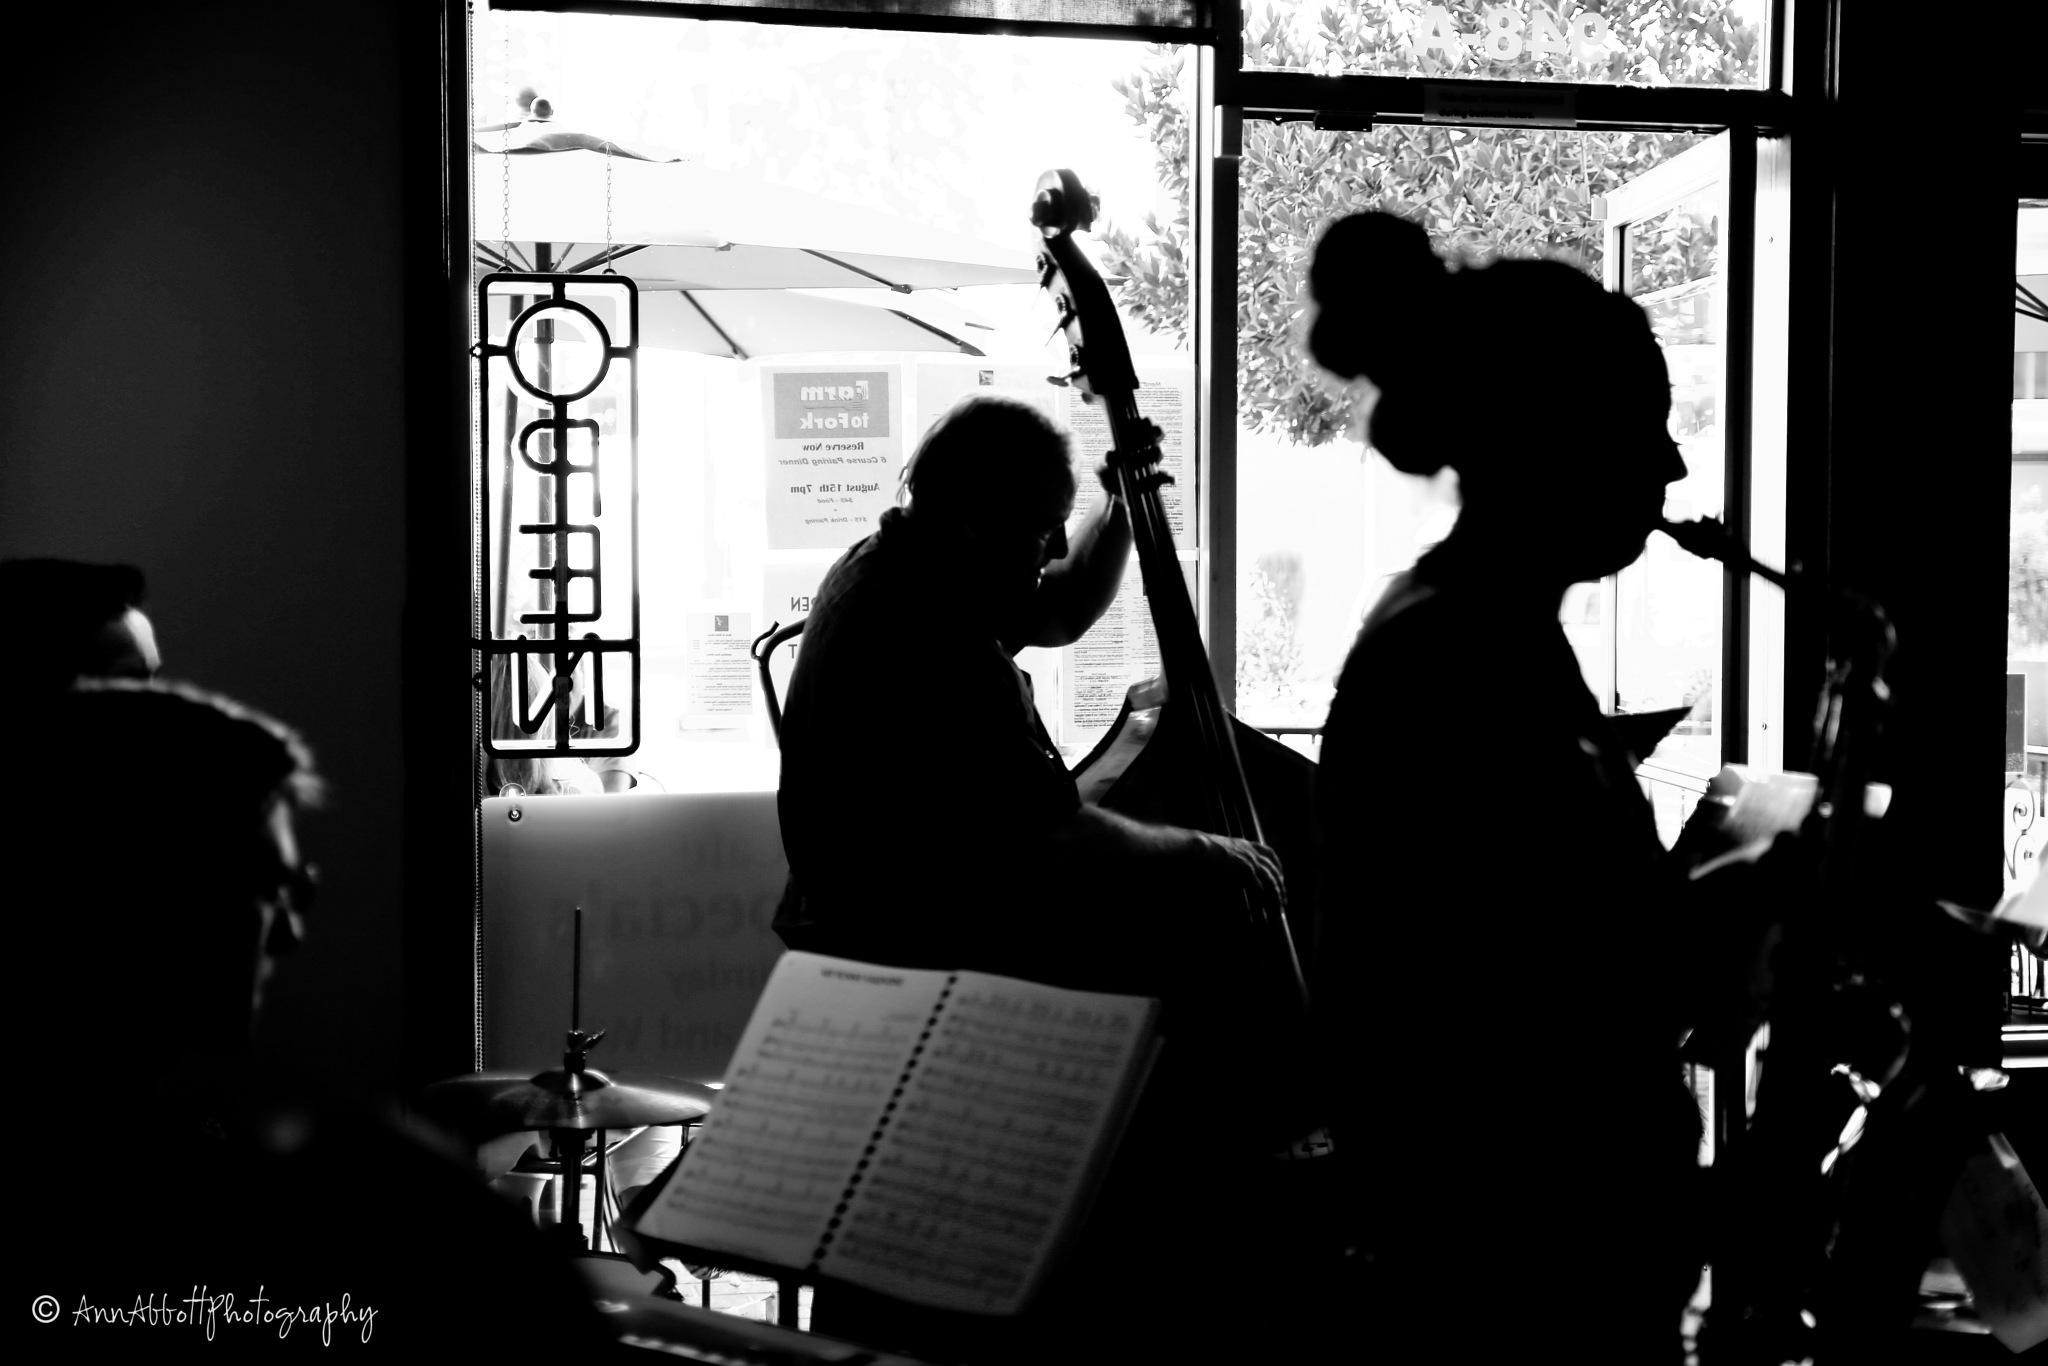 Summer Jazz by Ann Jacuzzo-Abbott